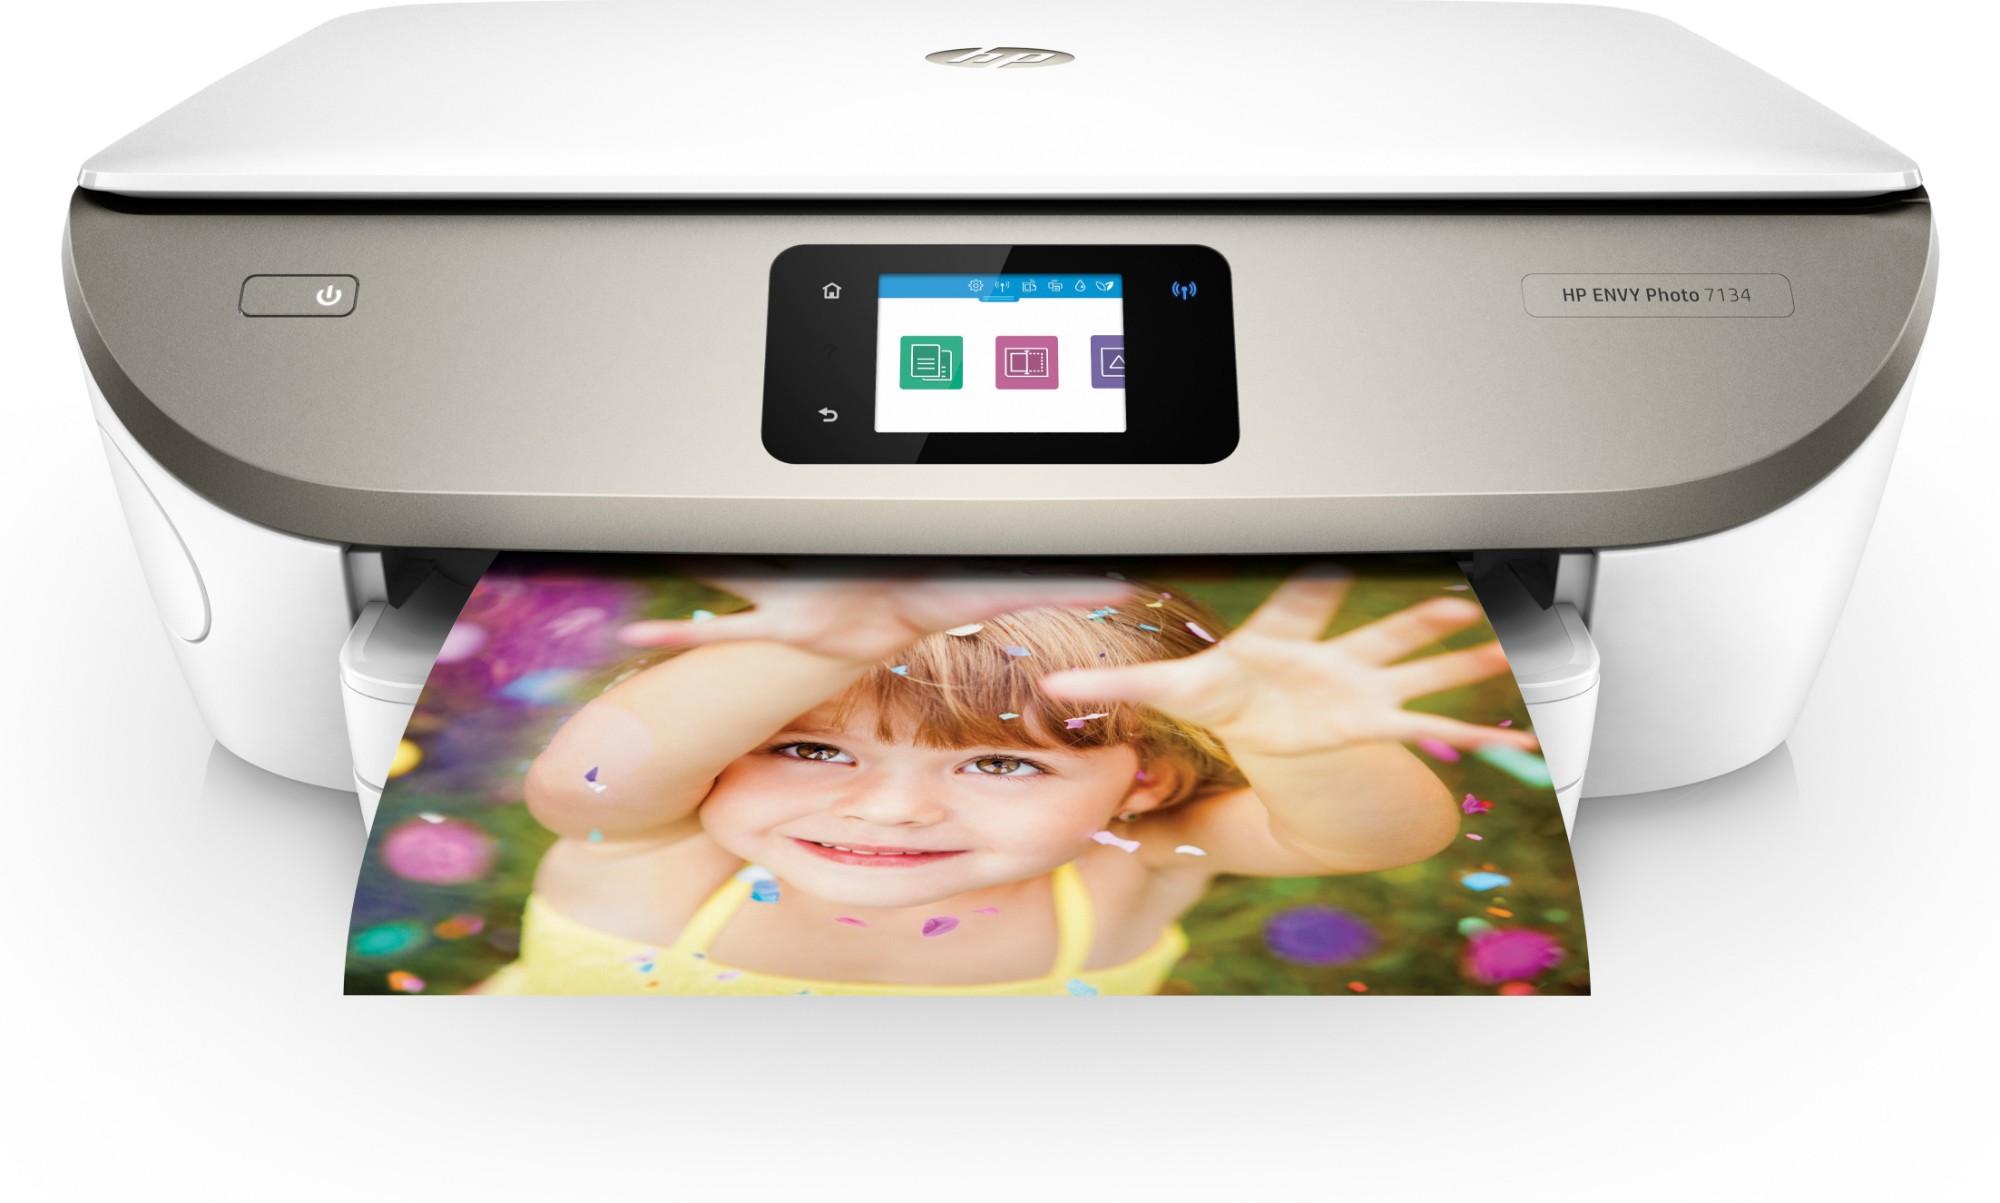 HP ENVY 7134 Thermal Inkjet 14 ppm 4800 x 1200 DPI A4 Wi-Fi